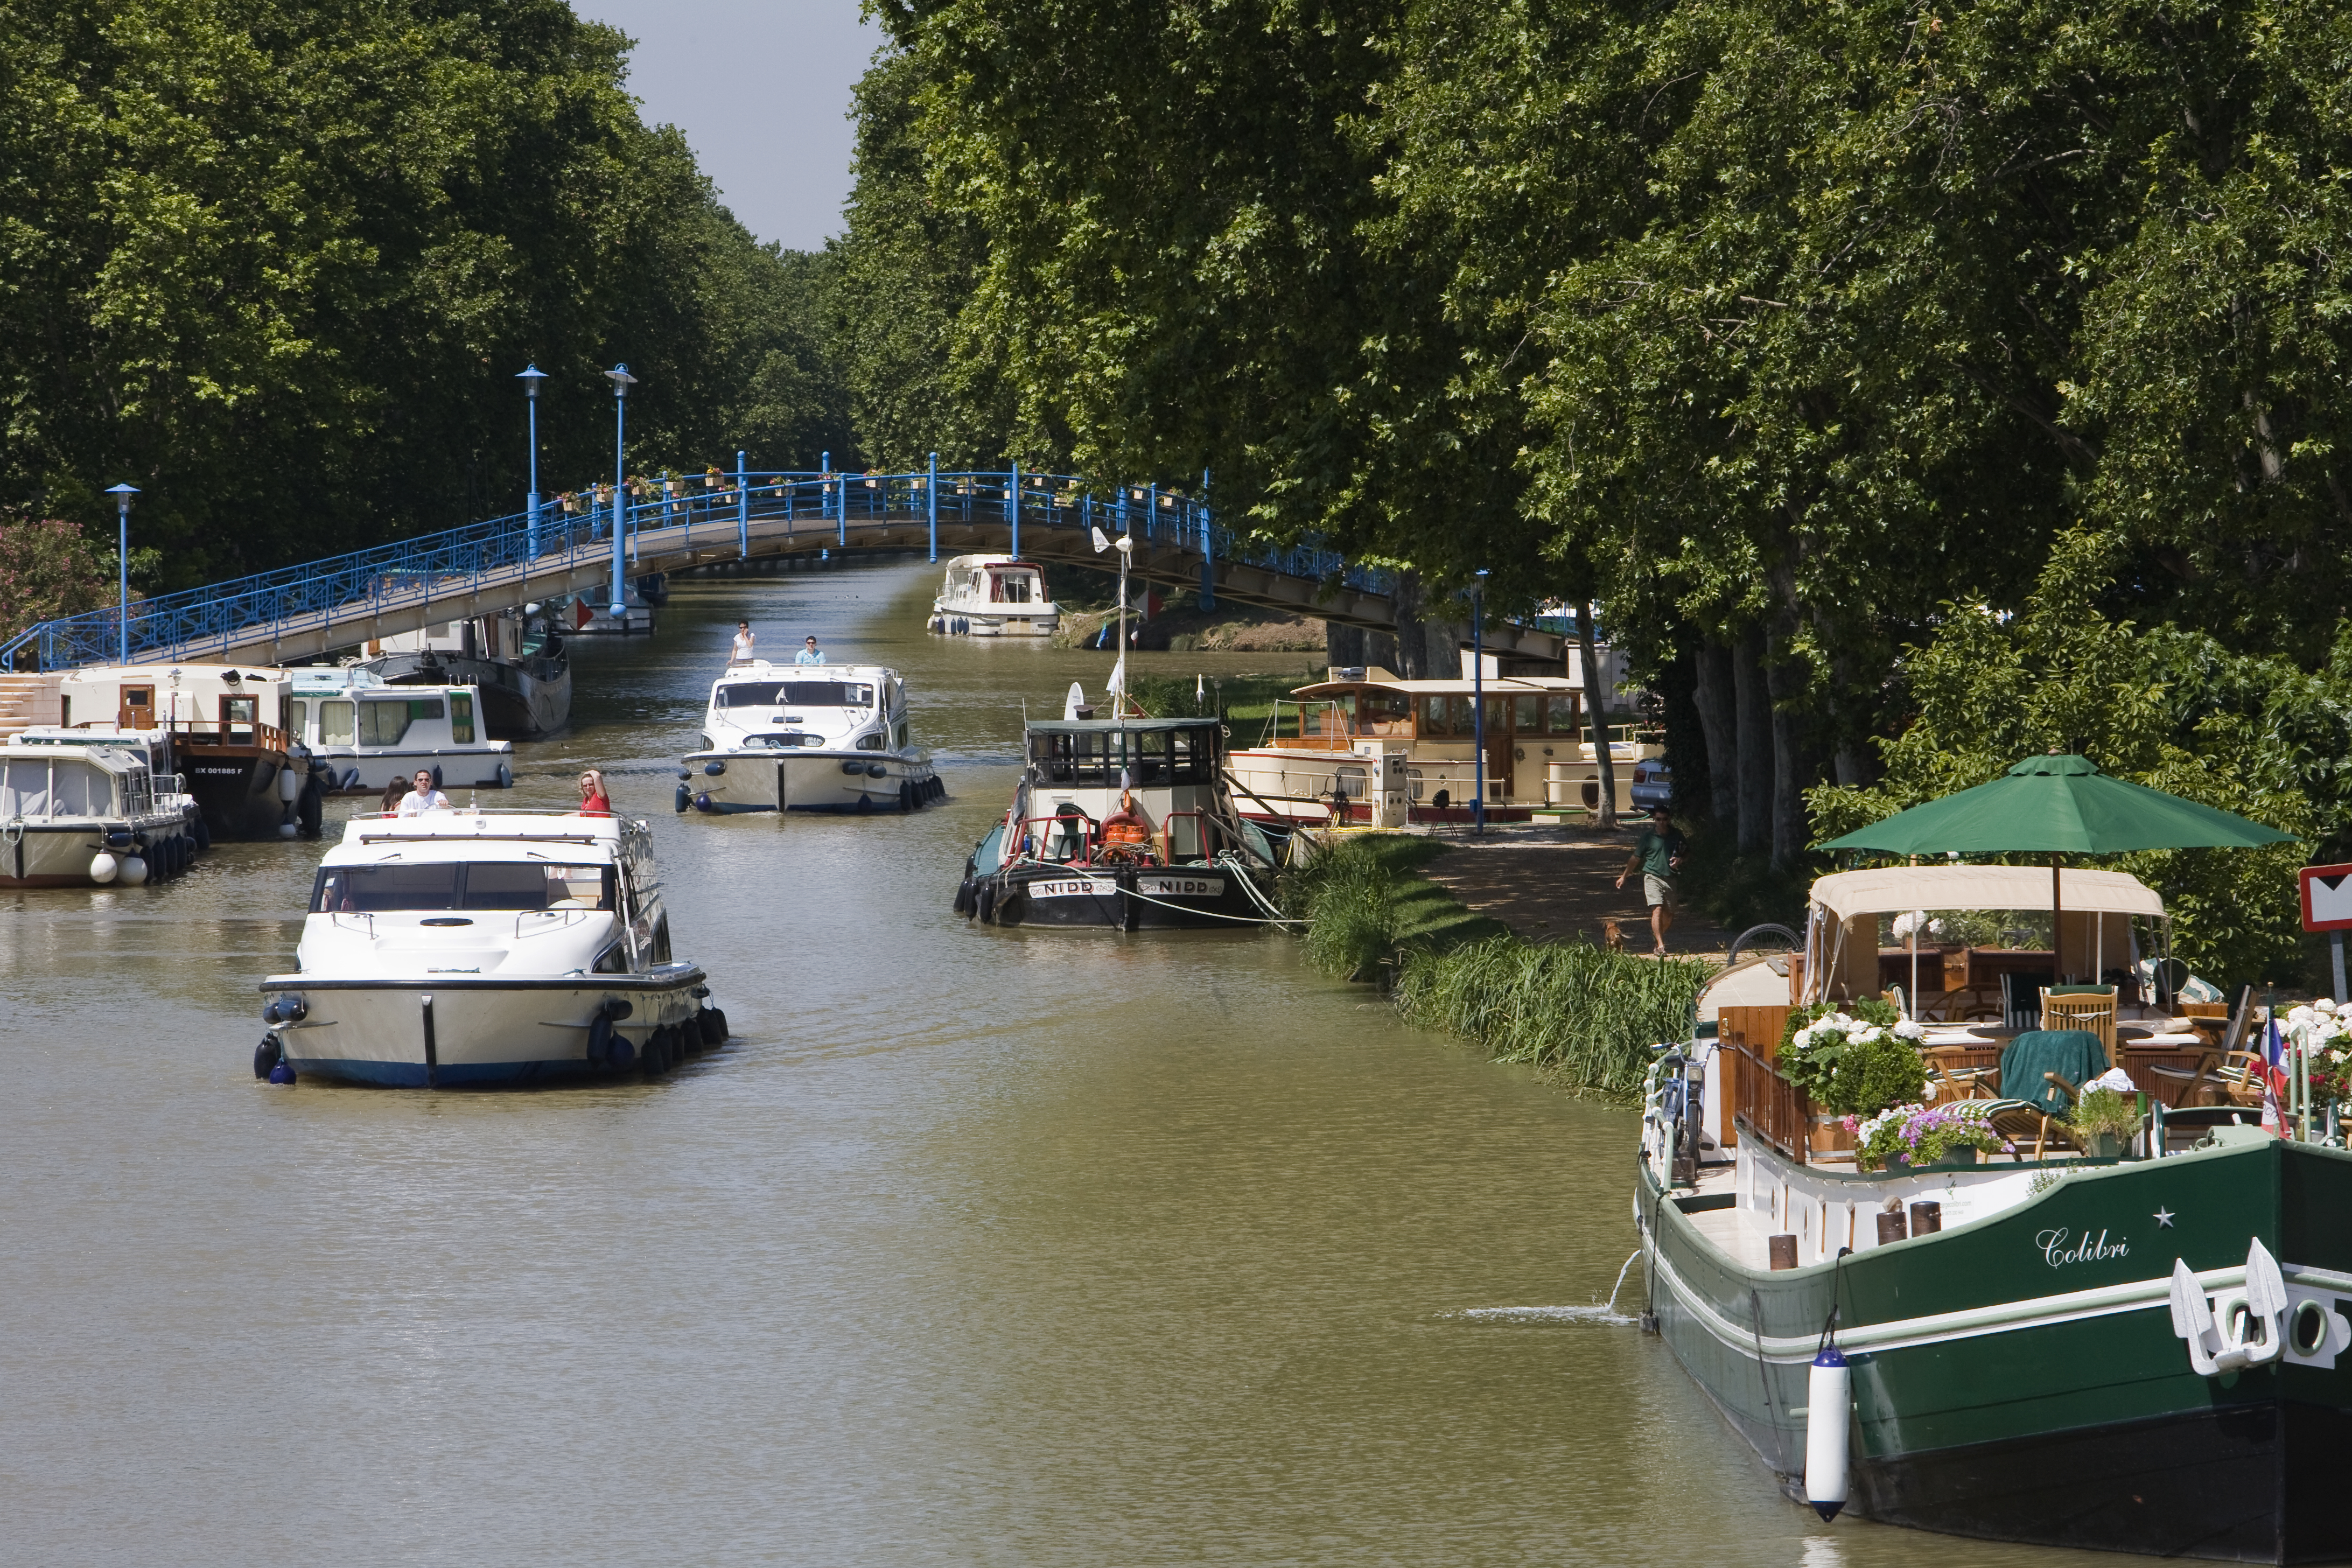 Homps (Le Boat)